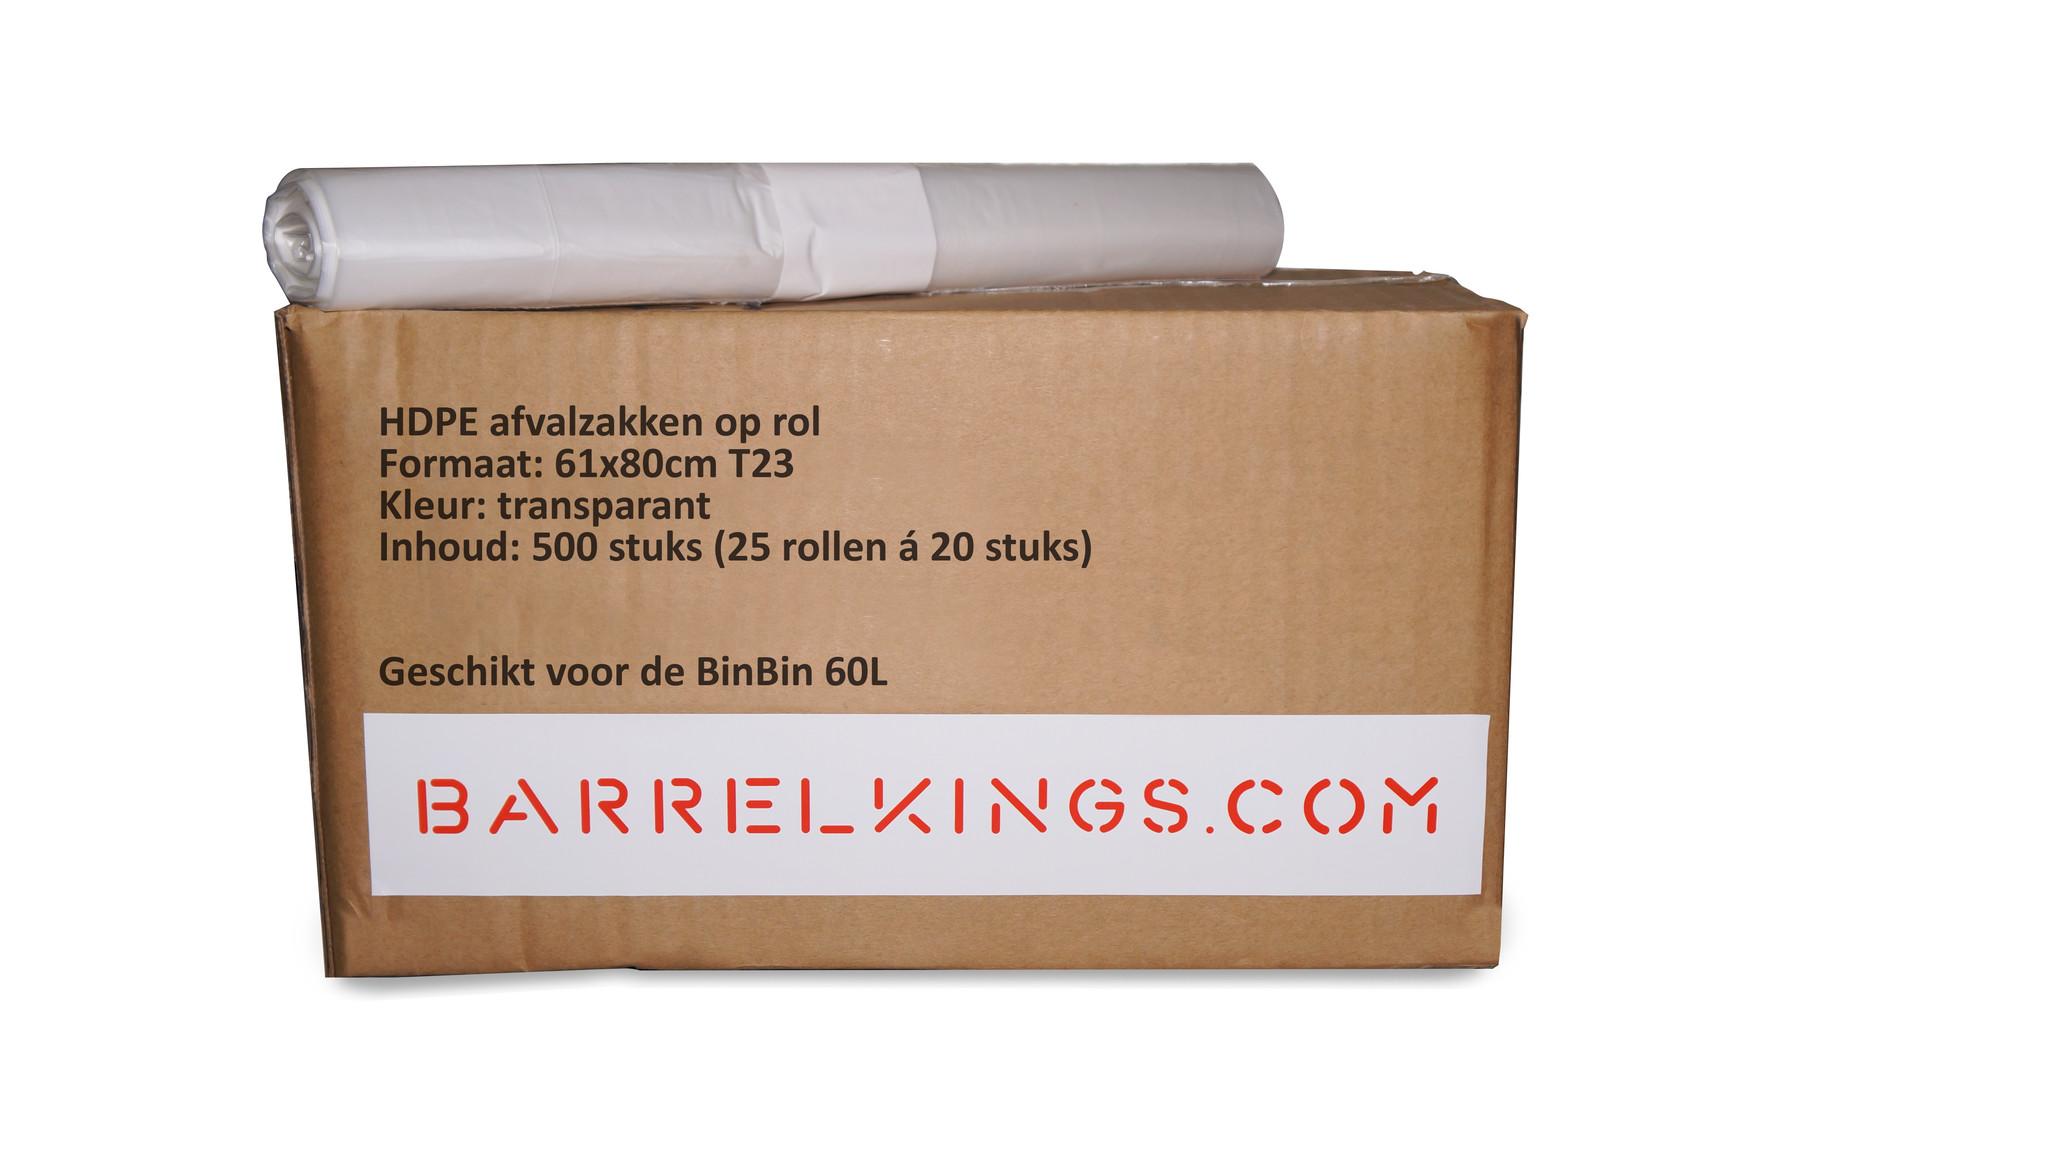 Barrelkings Afvalzak BinBin 60 L Transparant 500 St.